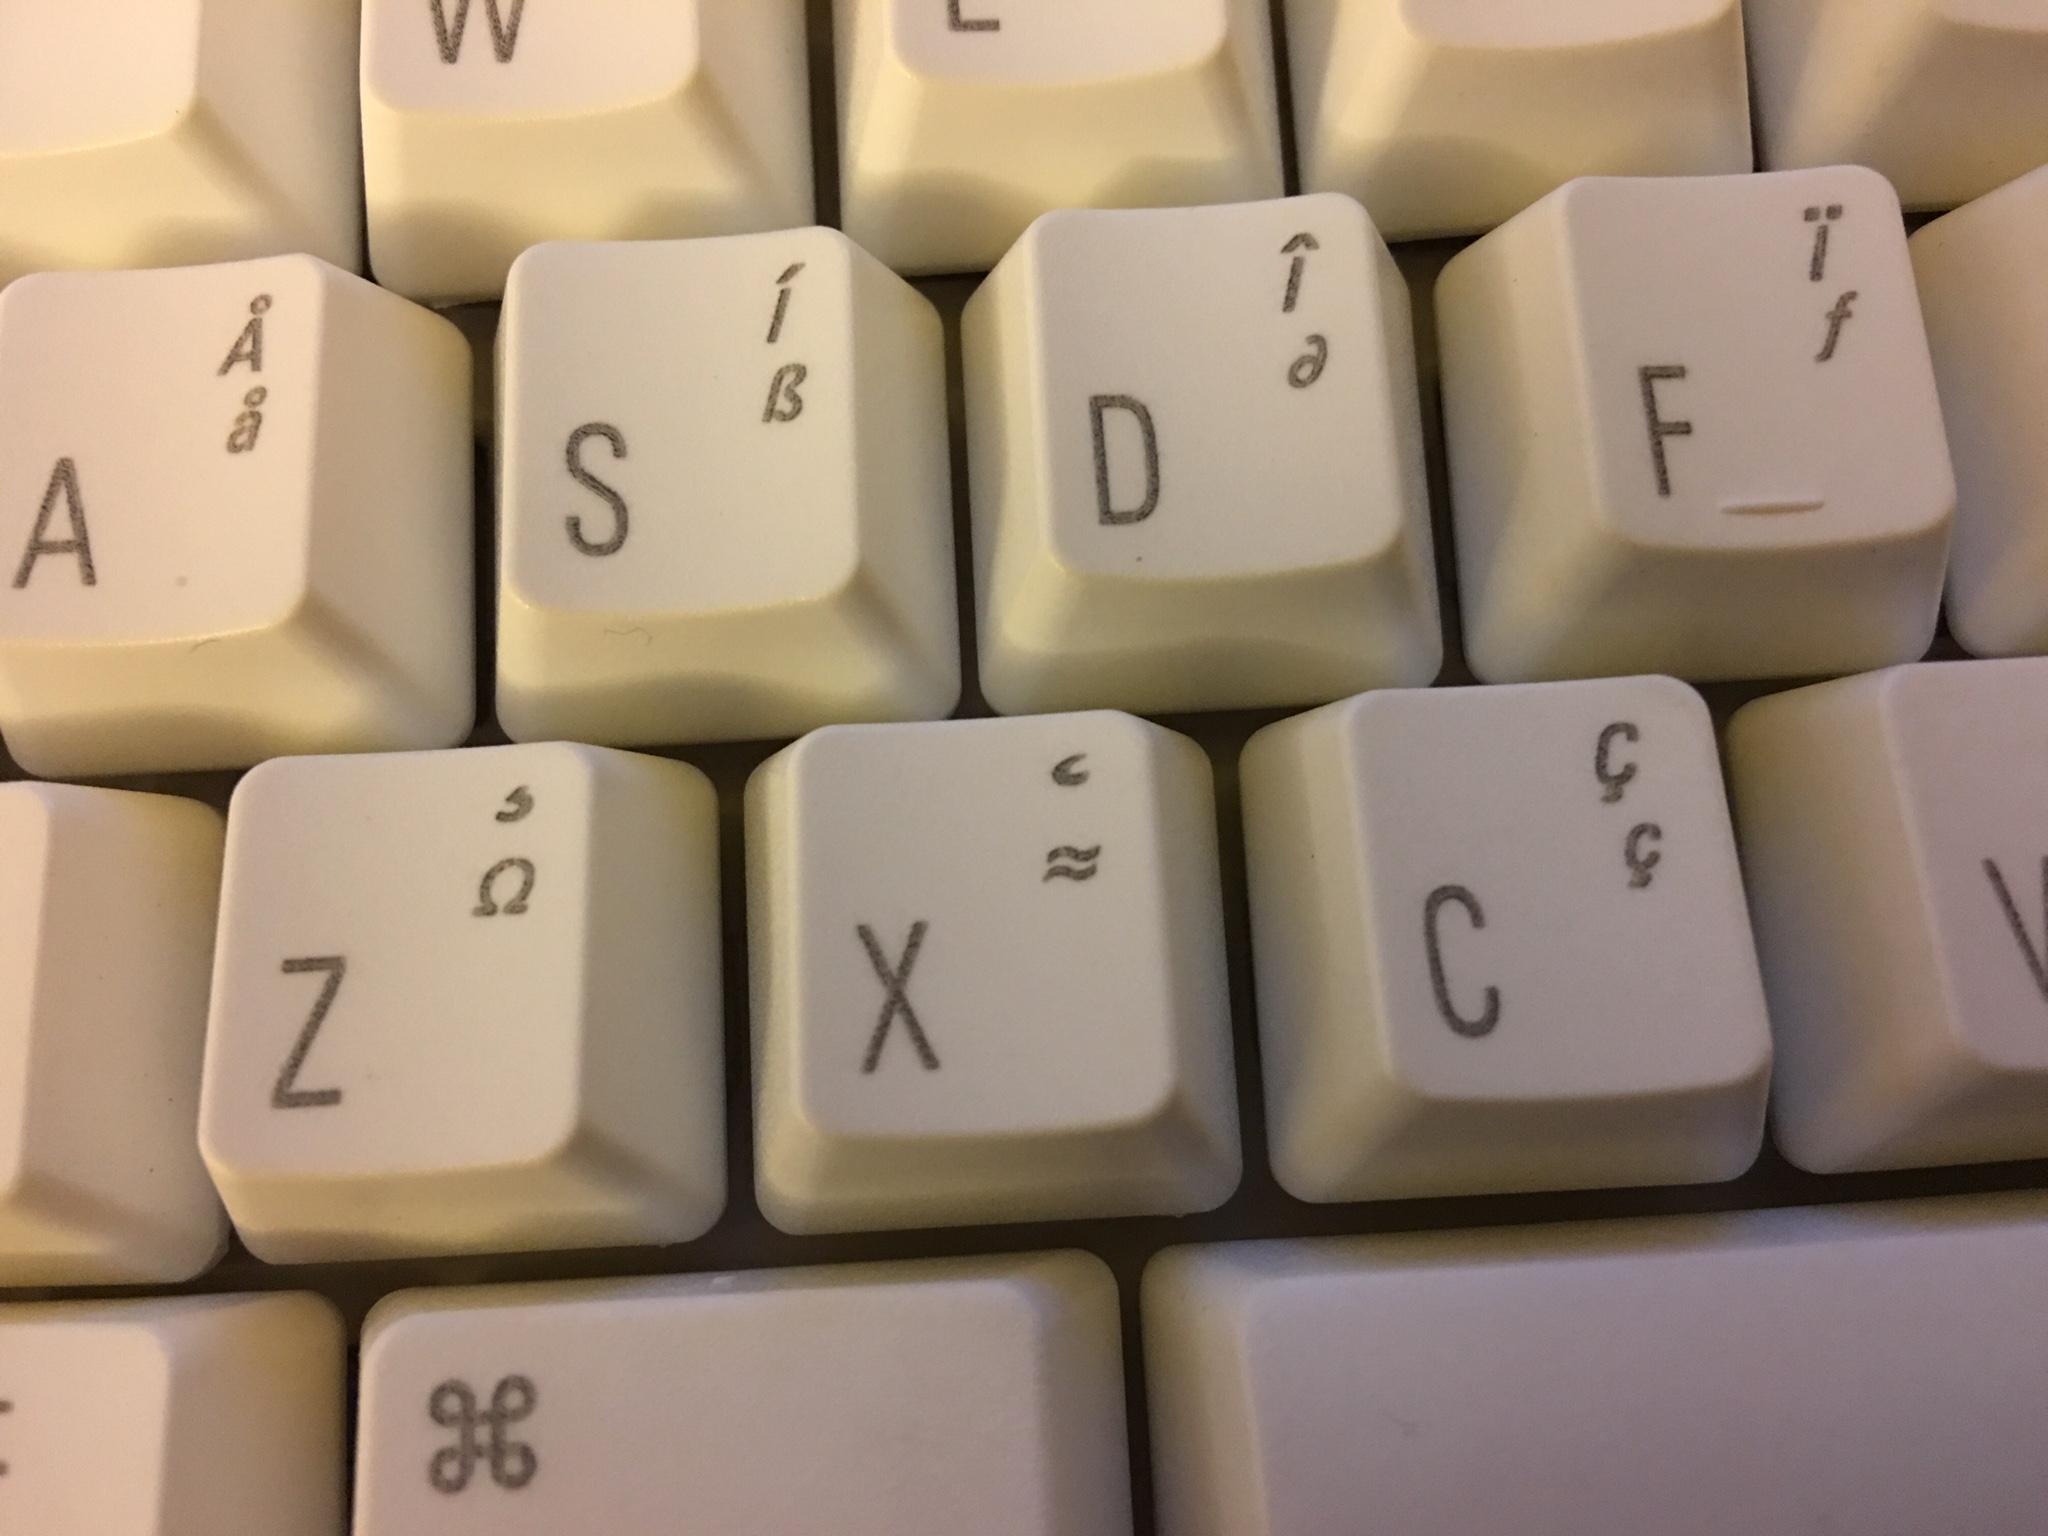 Matias Tactile Pro Etched Keycaps